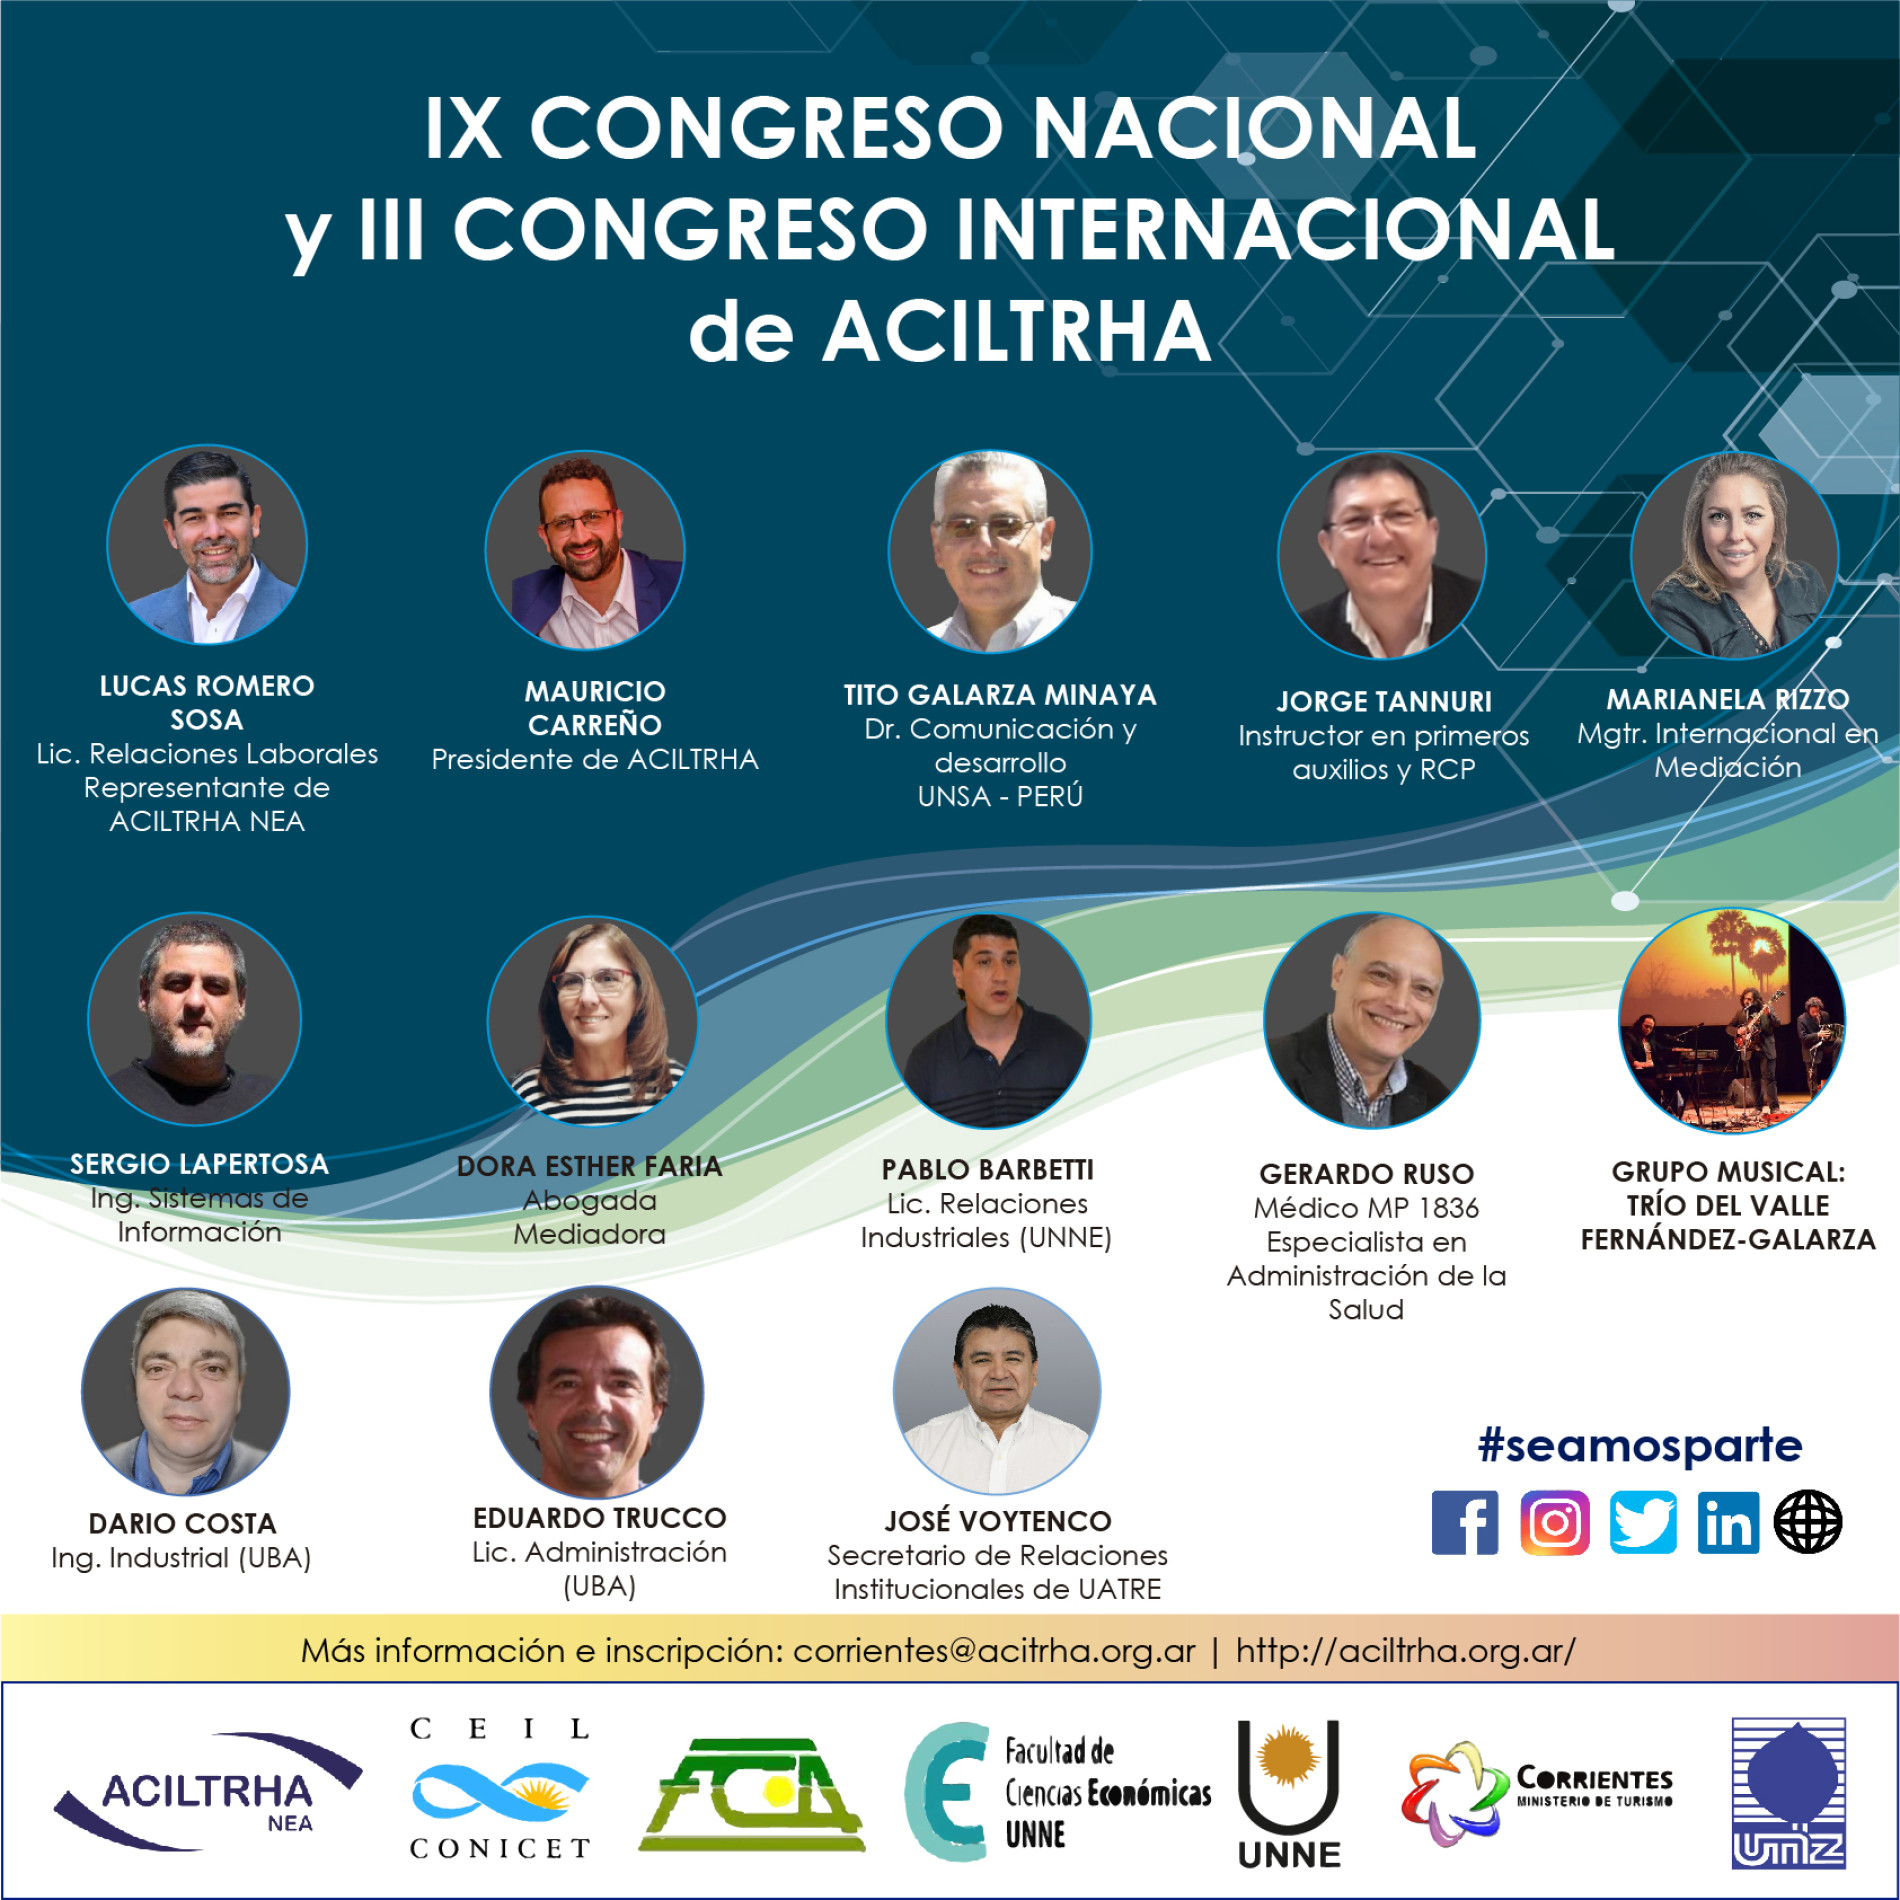 IX CONGRESO NACIONAL Y III INTERNACIONAL DE ACILTRHA «El factor humano imprescindible de cohesión en la implementación de la inteligencia emocional y de la inteligencia artificial en el mundo de las relaciones laborales» | 2019